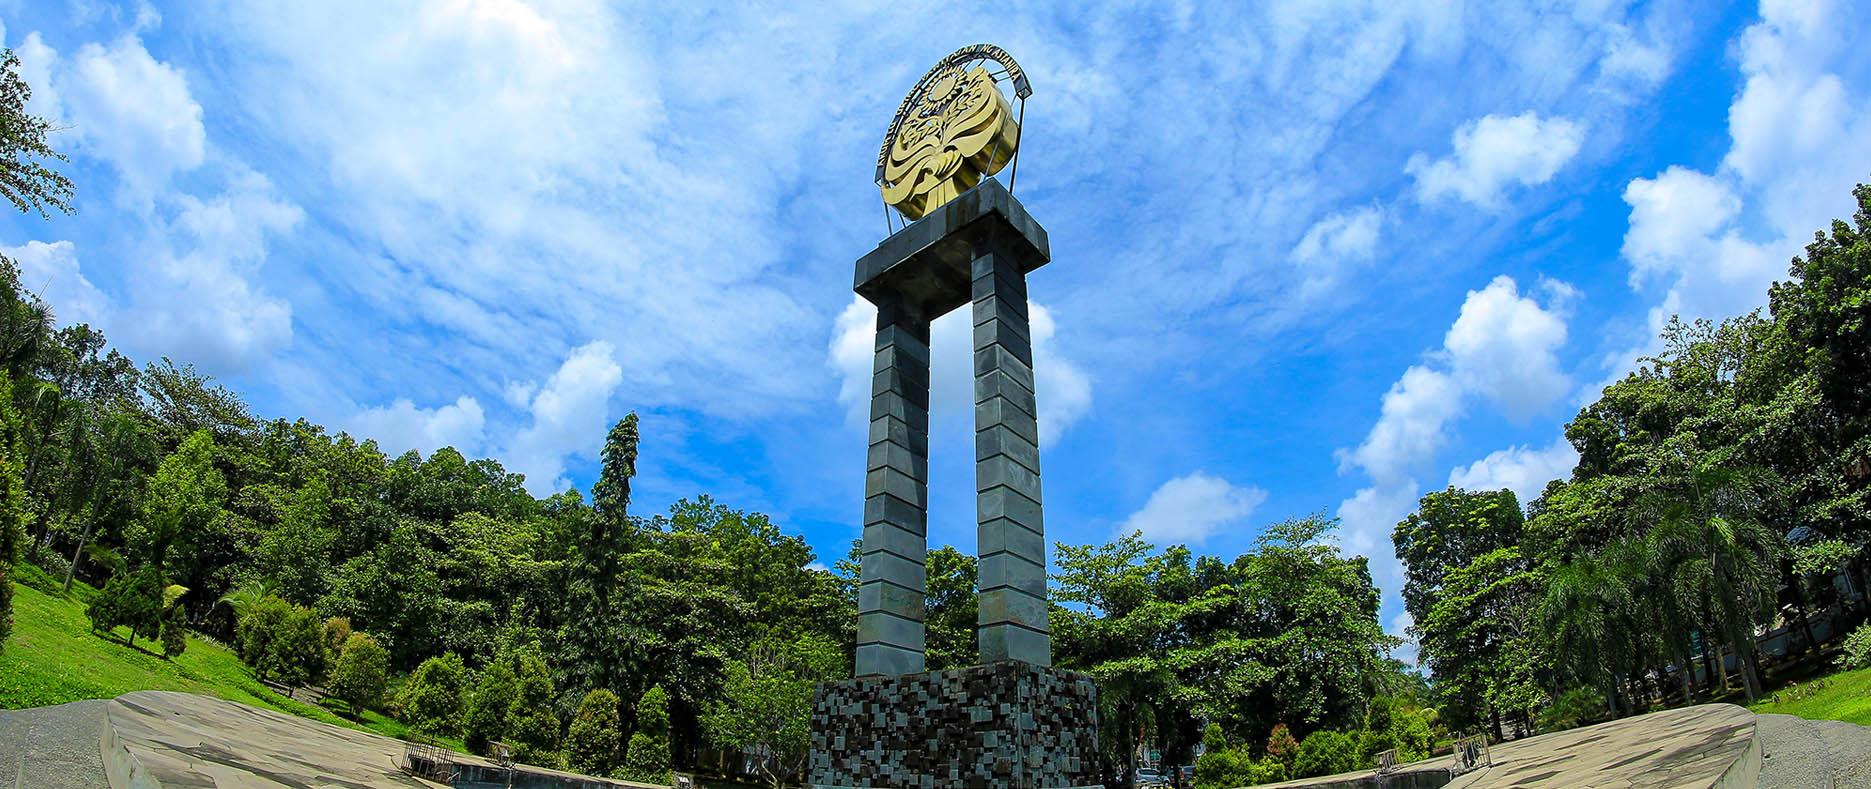 UNNES Peringkat 175 Peringkat Universitas Terbaik se-Asia